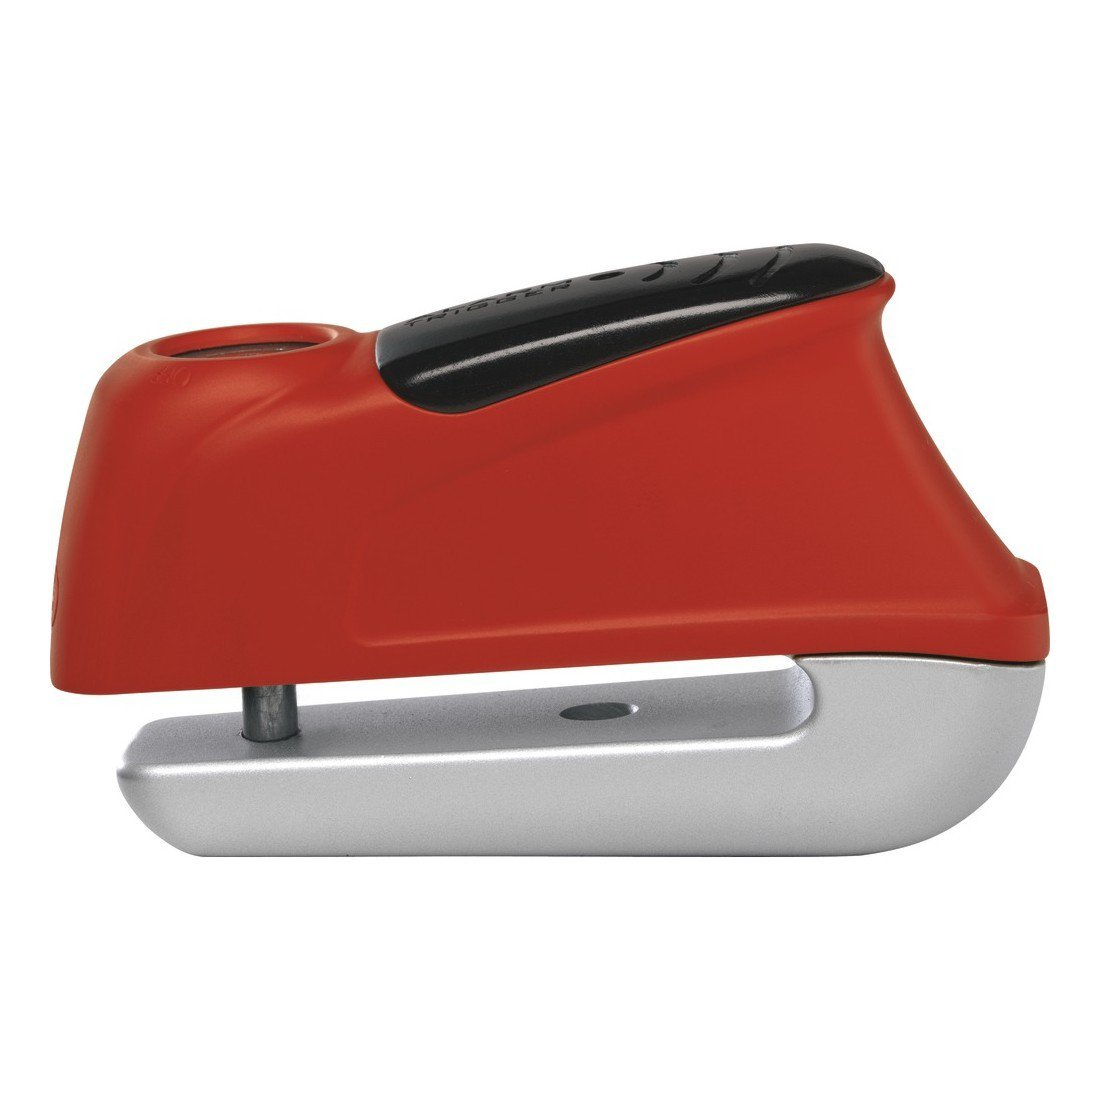 Abus Trigger Alarm 345 Red